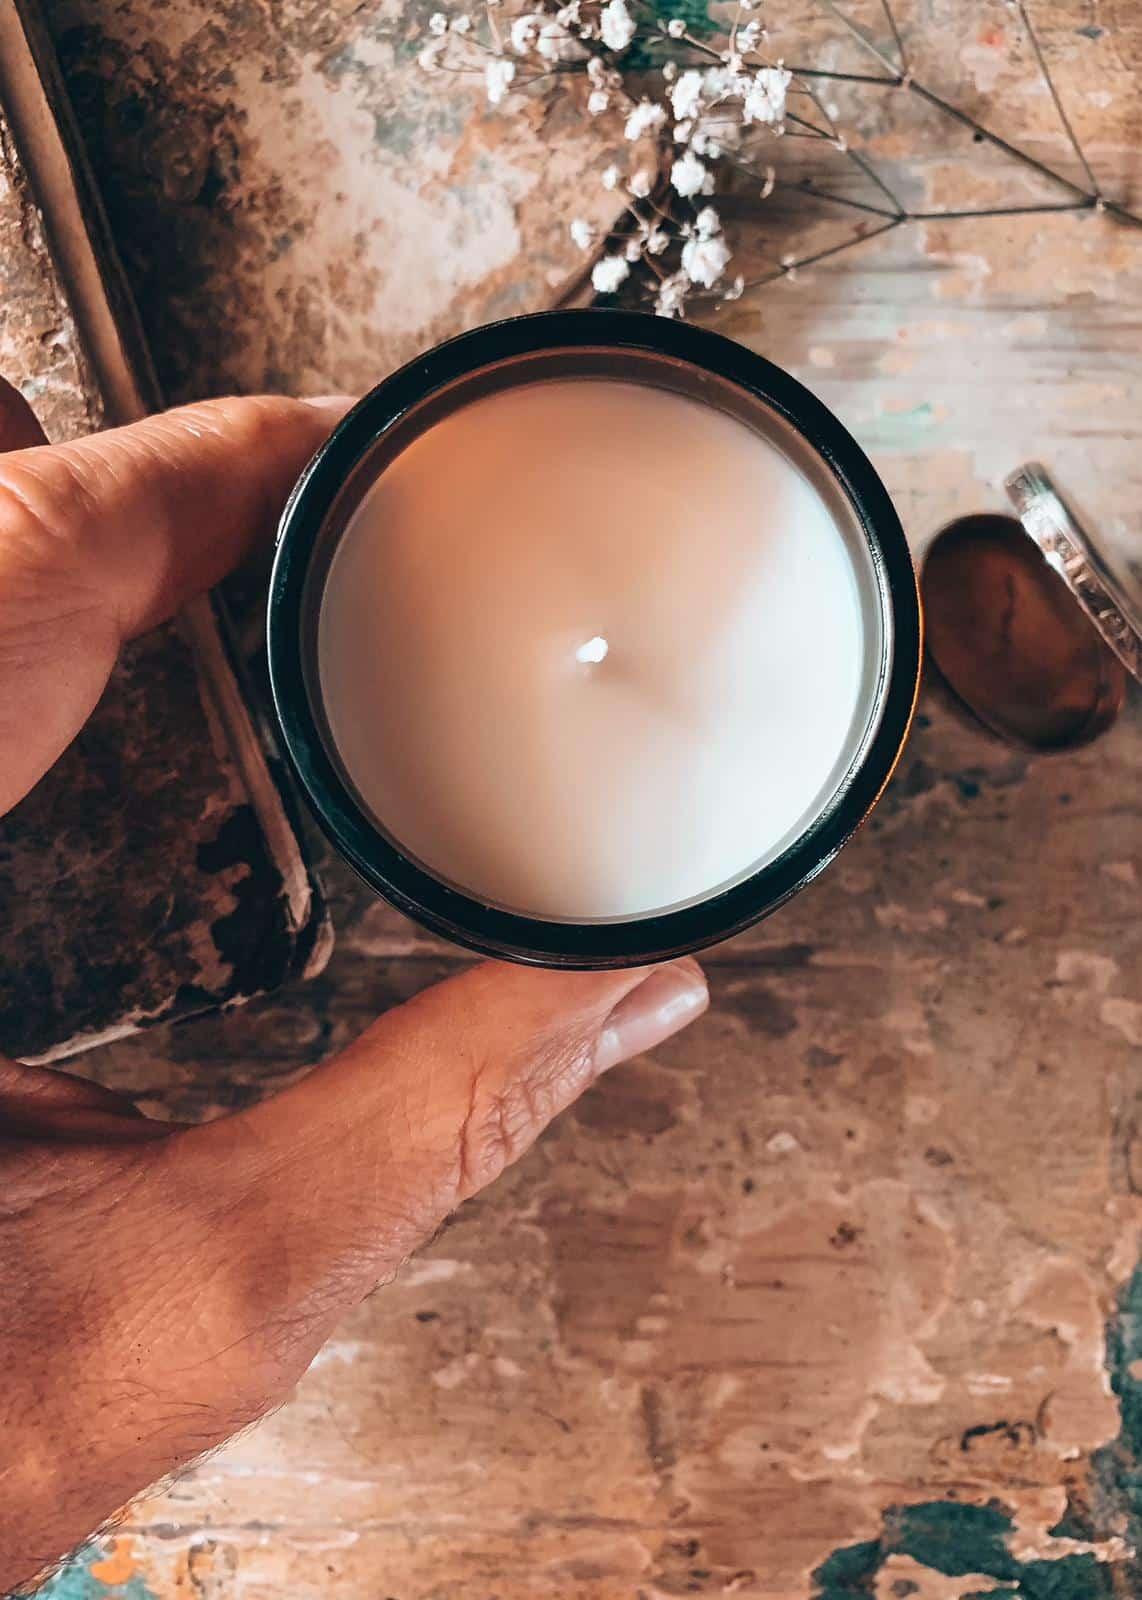 Profumo polvere di talco fragranza candela fatta a mnao per la casa profumata di soia handmade Quello Sbagliato